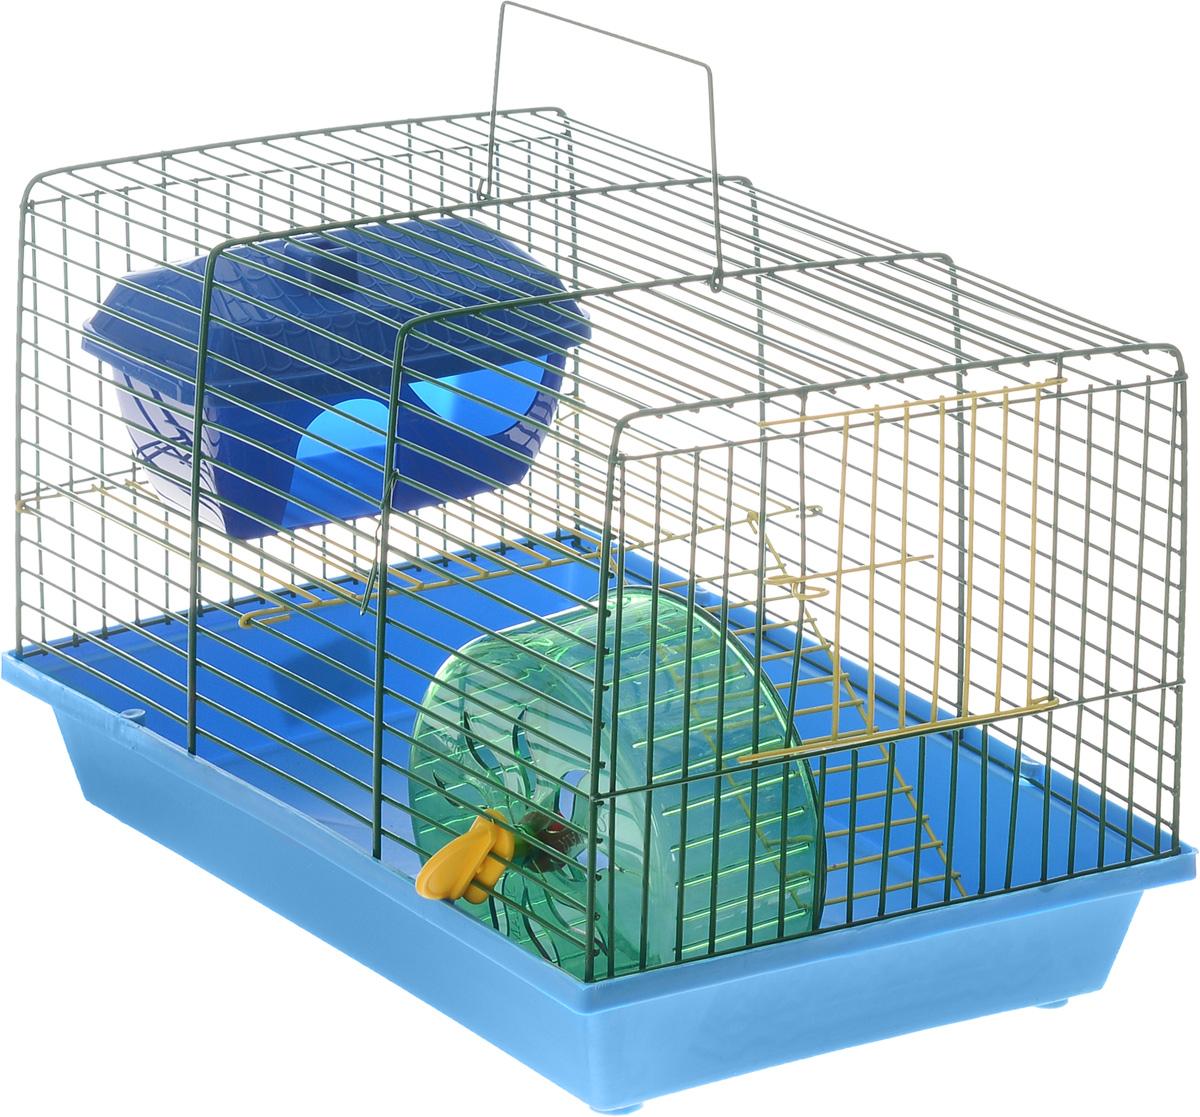 Клетка для грызунов ЗооМарк, 2-этажная, цвет: синий поддон, зеленая решетка, 36 х 22 х 24 см125жСЗ_синий поддон, зеленая решеткаКлетка ЗооМарк, выполненная из полипропилена и металла, подходит для мелких грызунов. Изделие двухэтажное, оборудовано колесом для подвижных игр и пластиковым домиком. Клетка имеет яркий поддон, удобна в использовании и легко чистится. Сверху имеется ручка для переноски, а сбоку удобная дверца. Такая клетка станет уединенным личным пространством и уютным домиком для маленького грызуна.